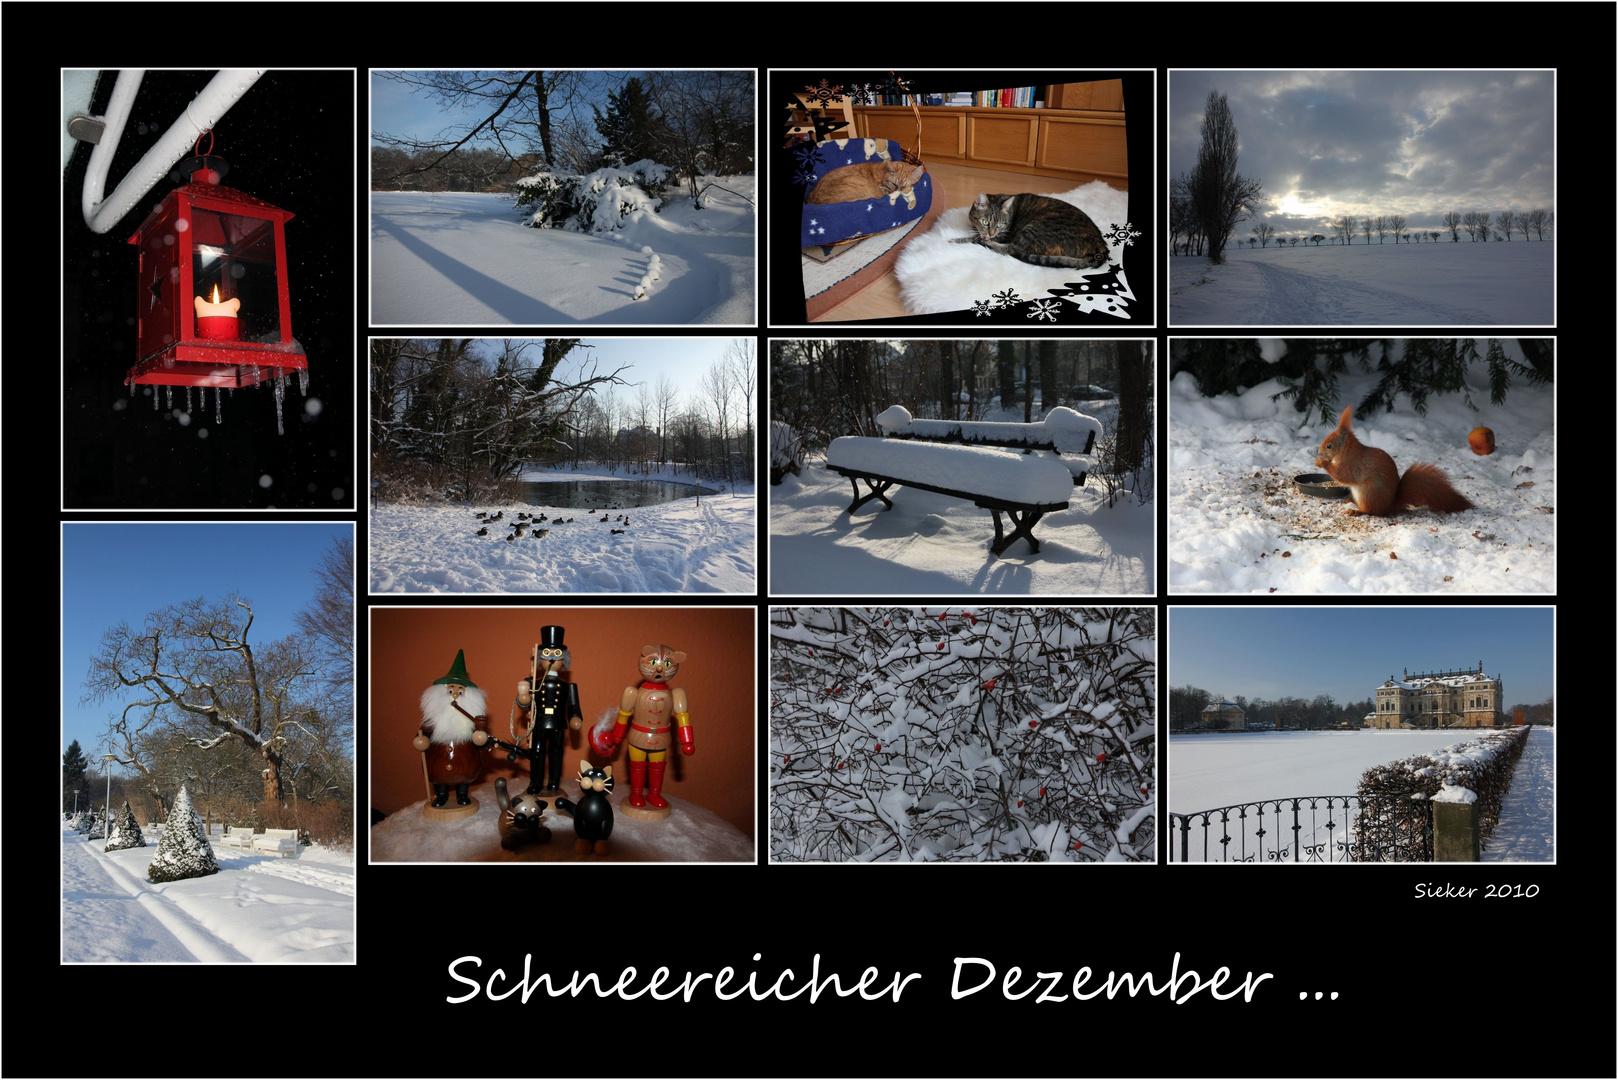 Schneereicher Dezember ...